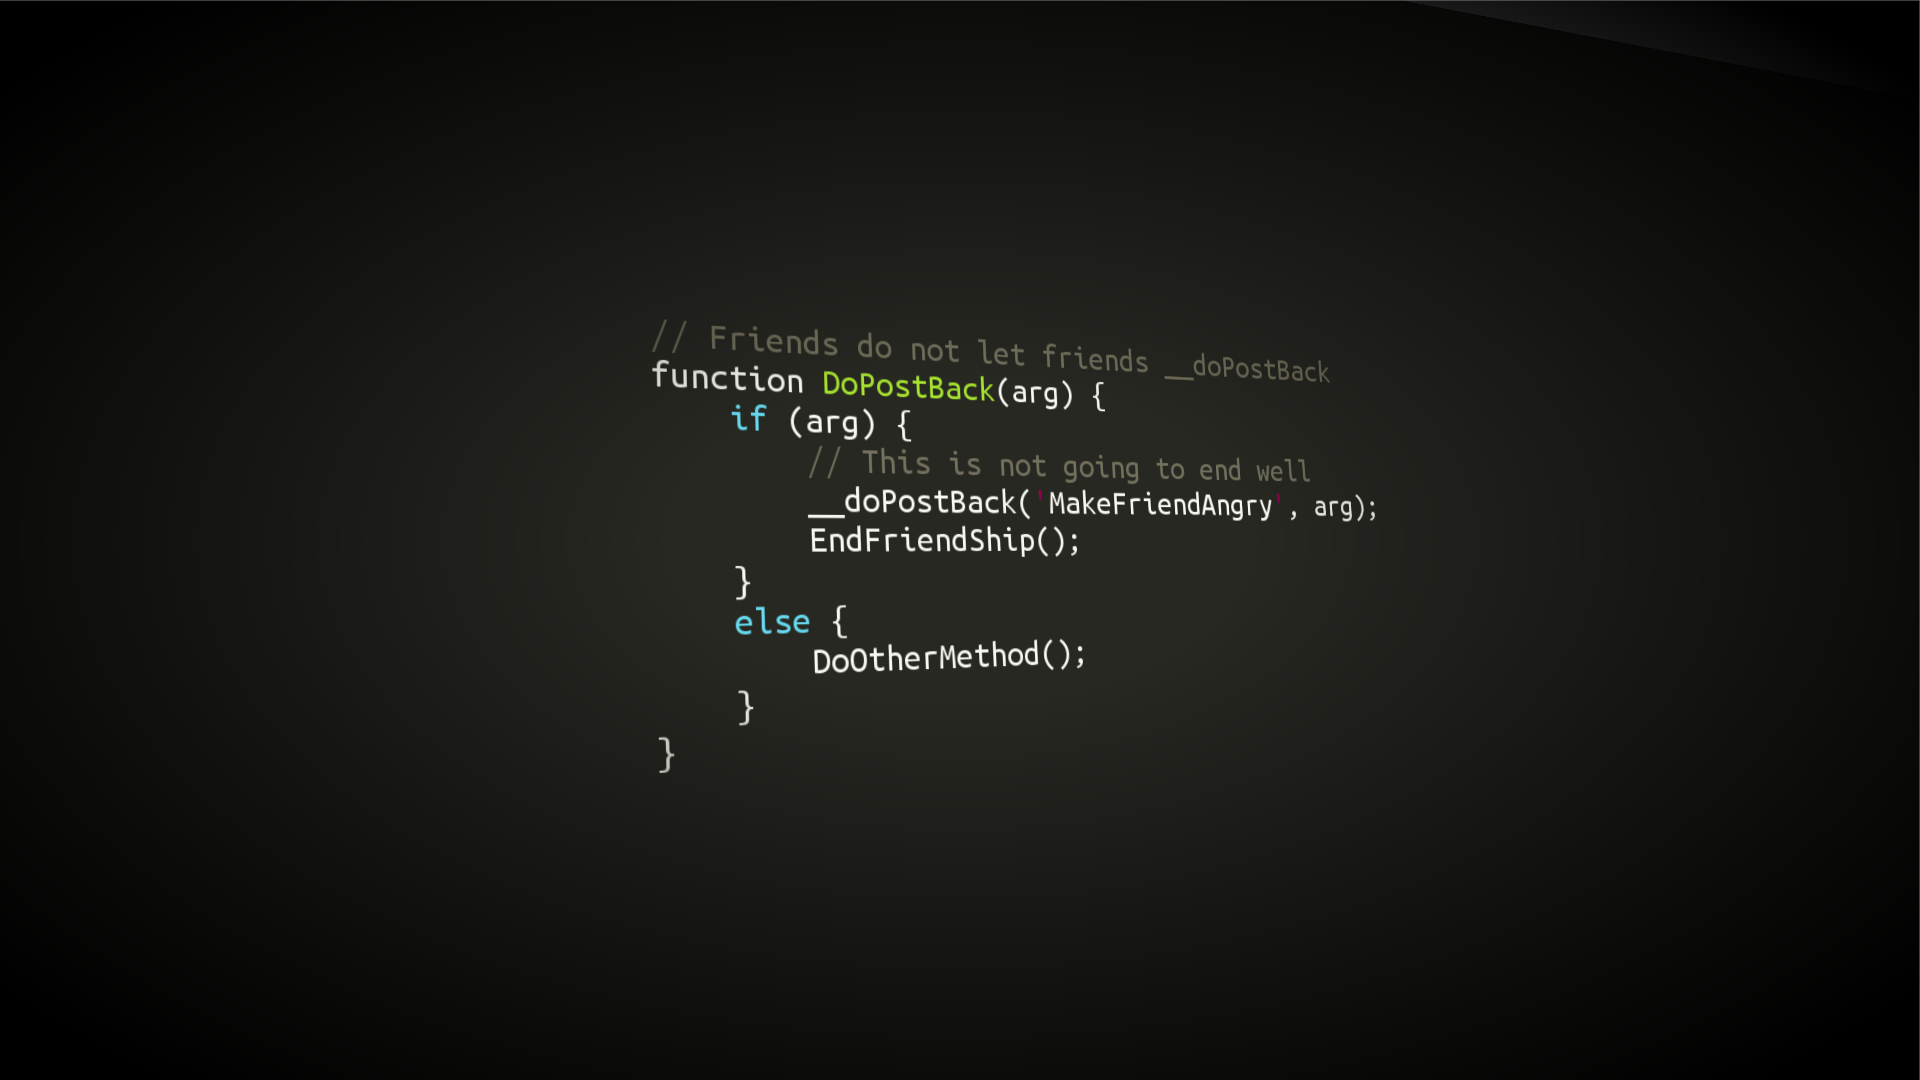 programming computer wallpapers desktop - photo #3